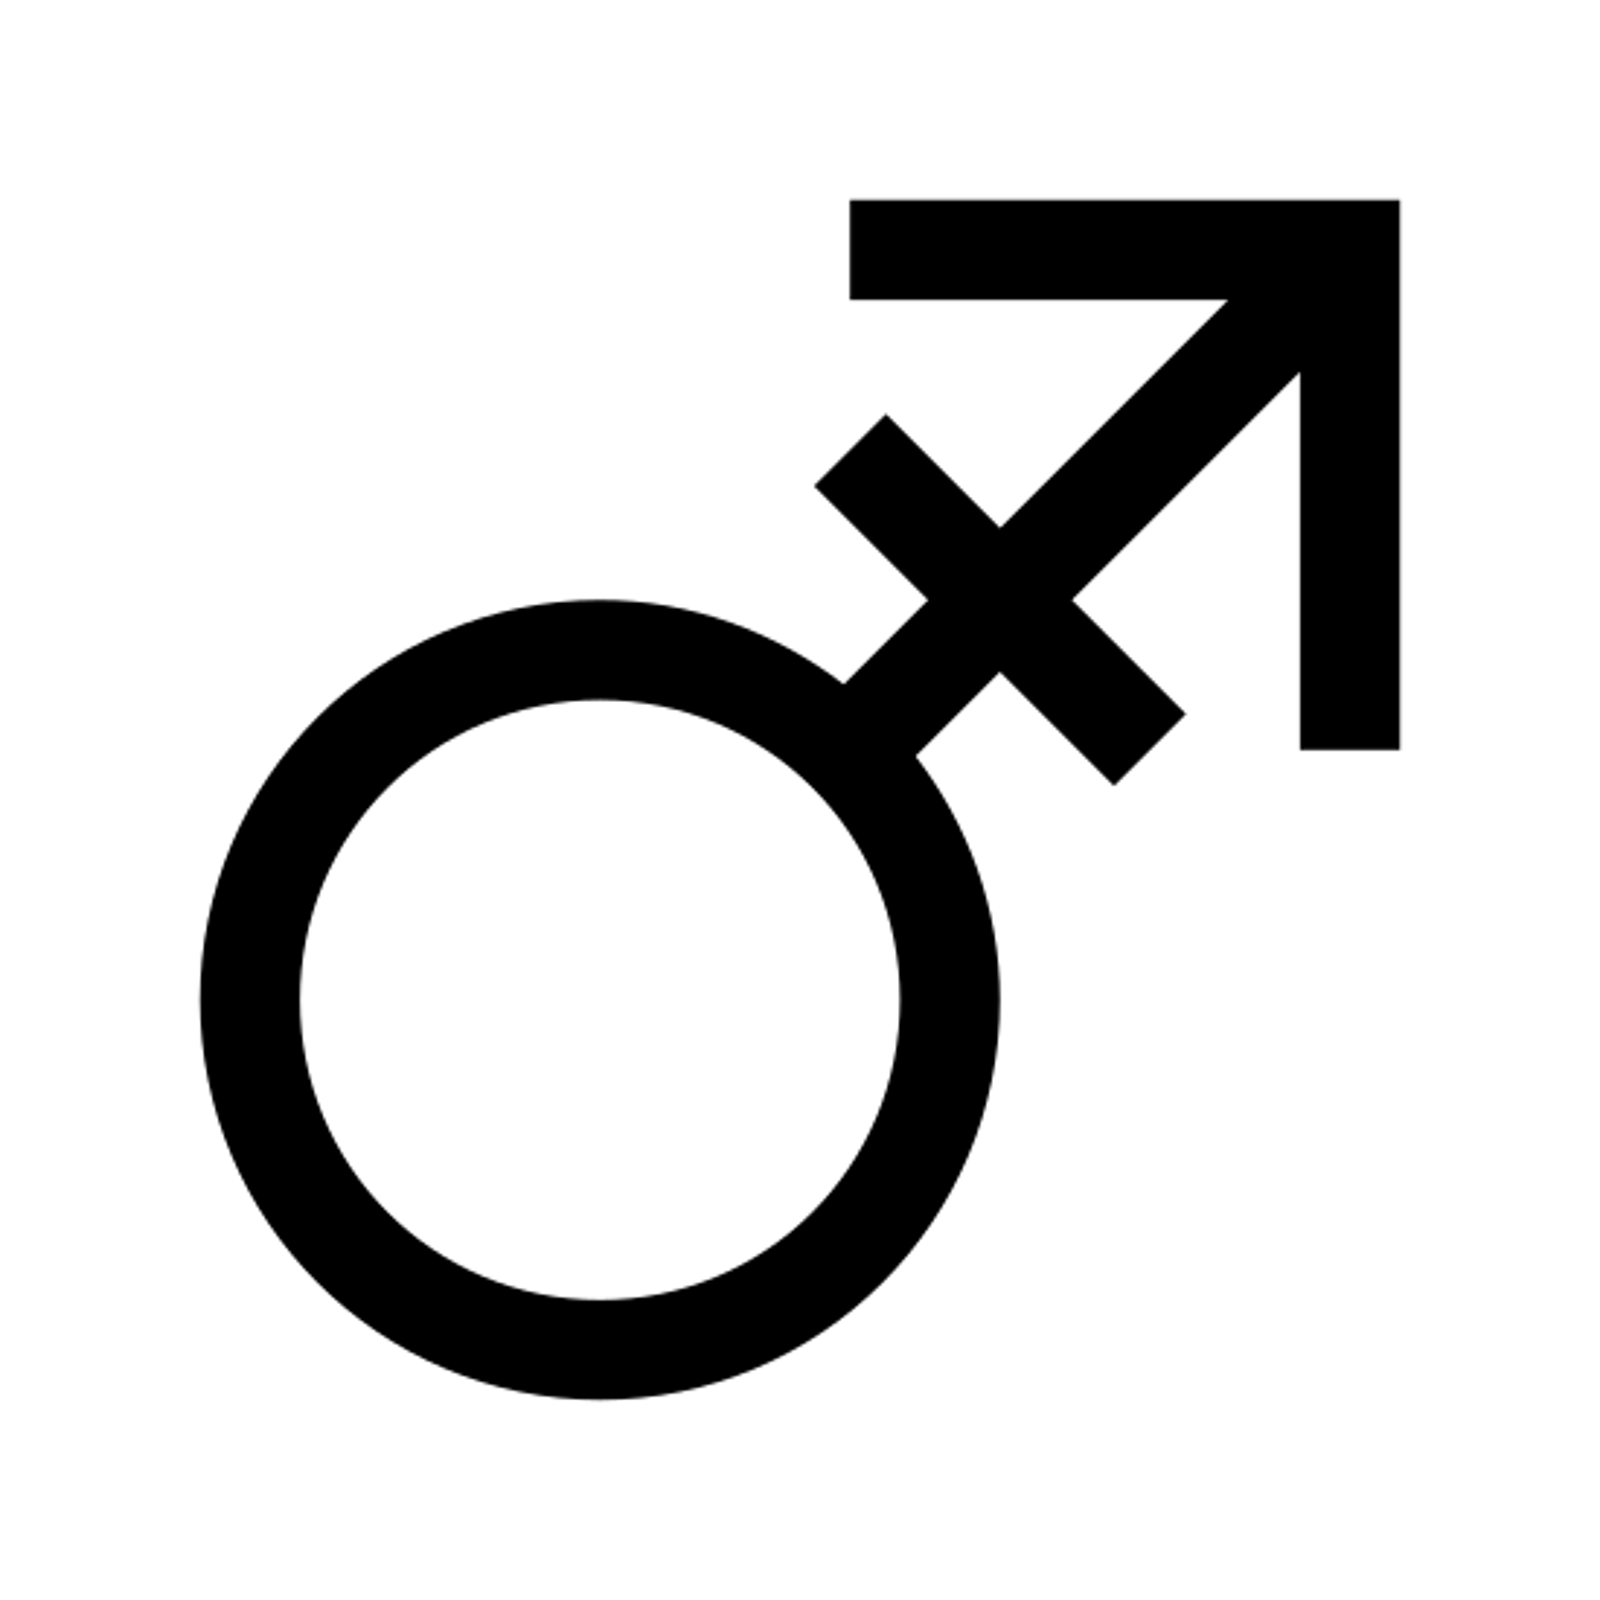 Male Stroke icon